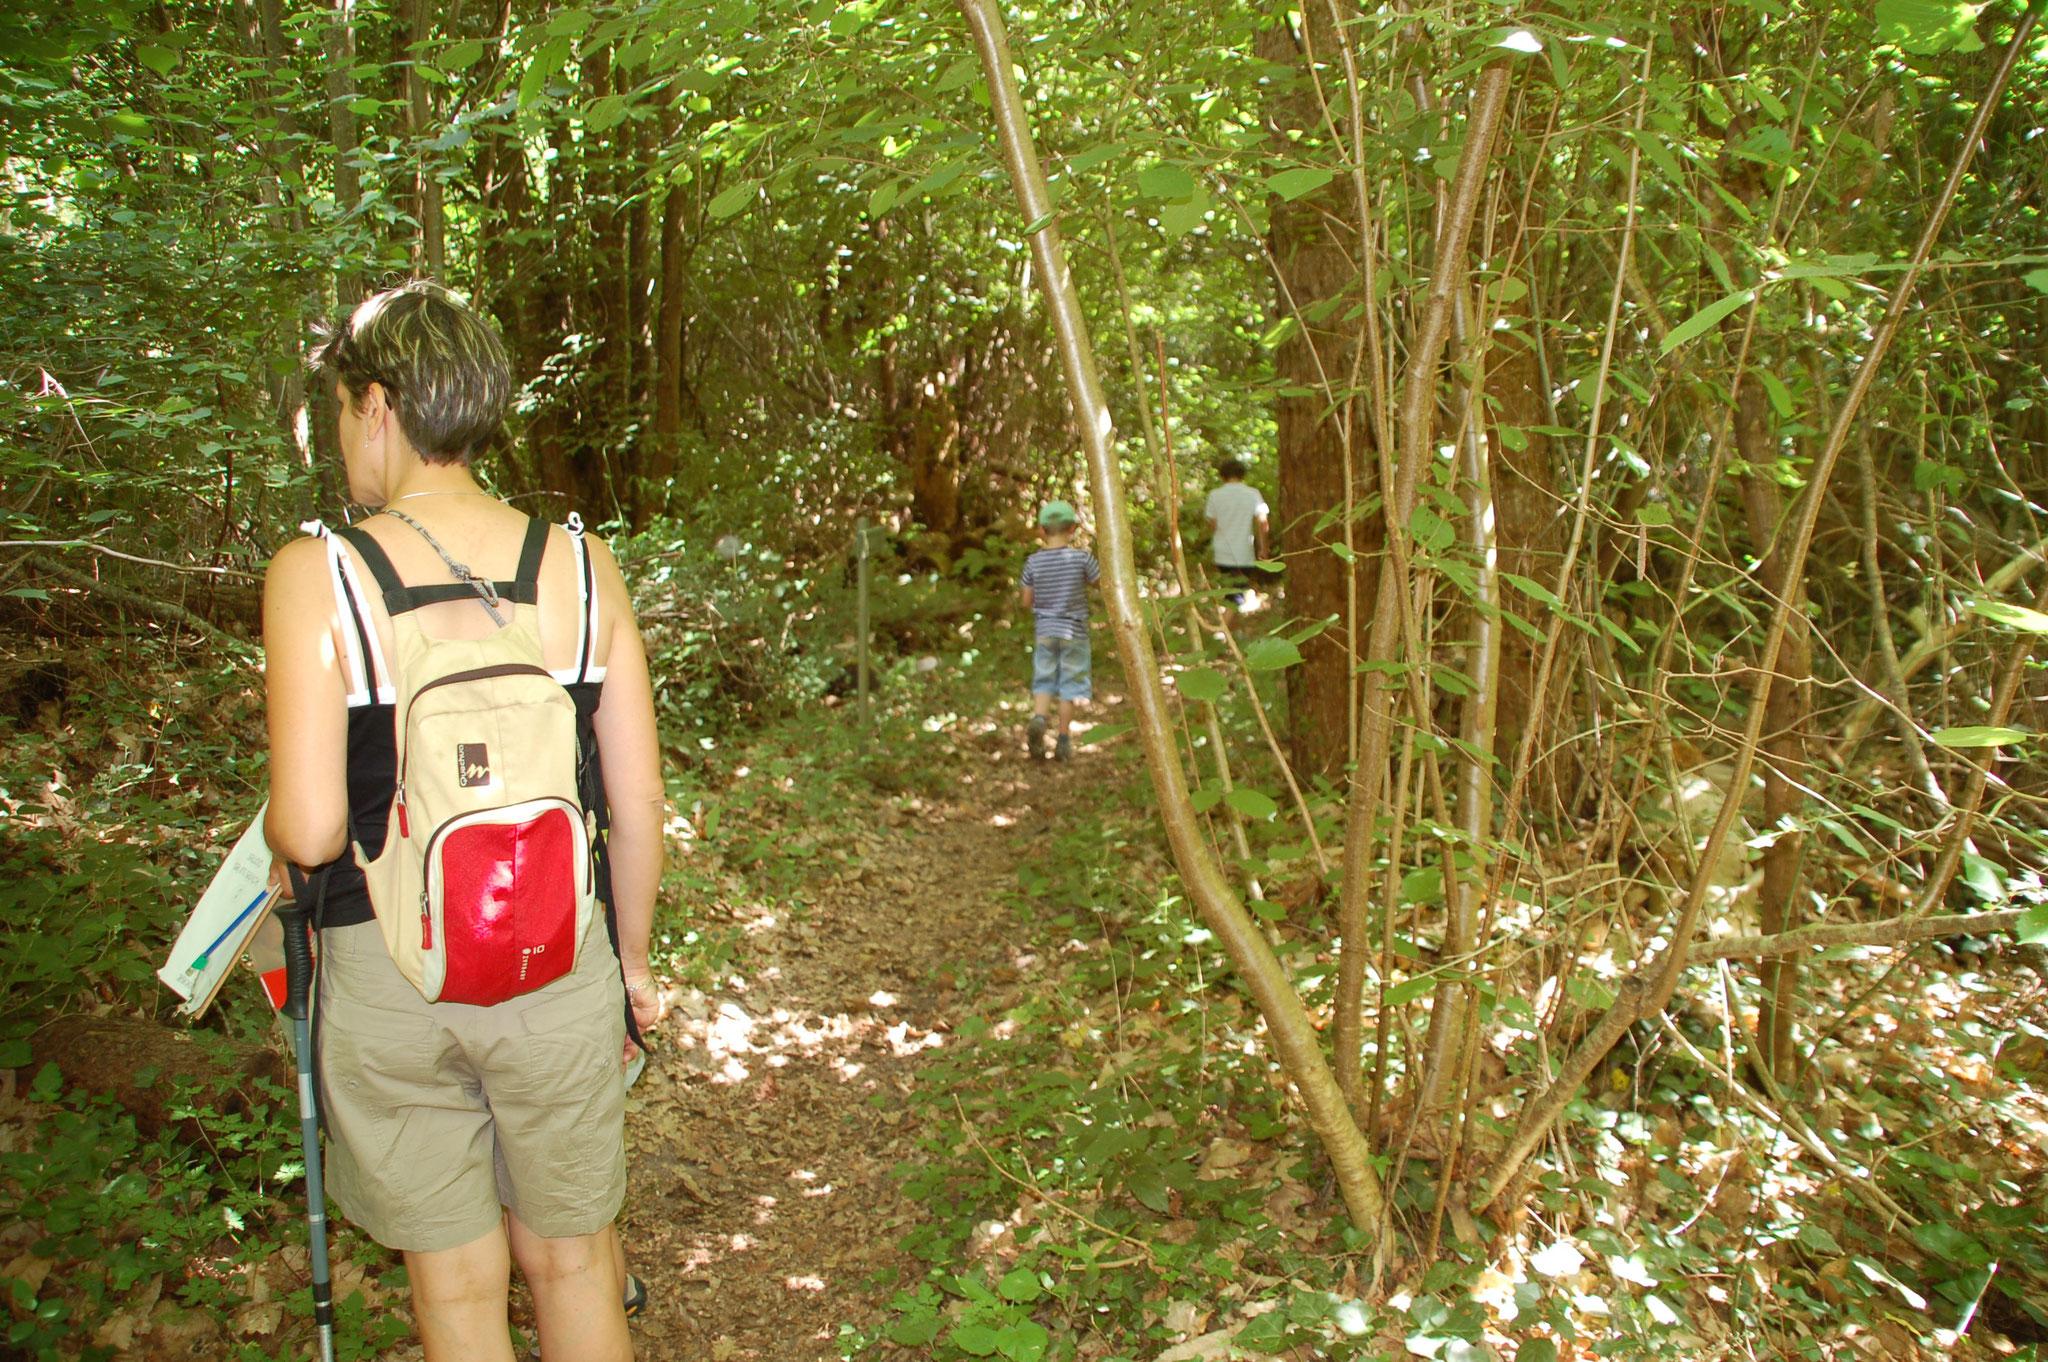 Ateliers de la forêt : balade  forestière à la recherche d'indices